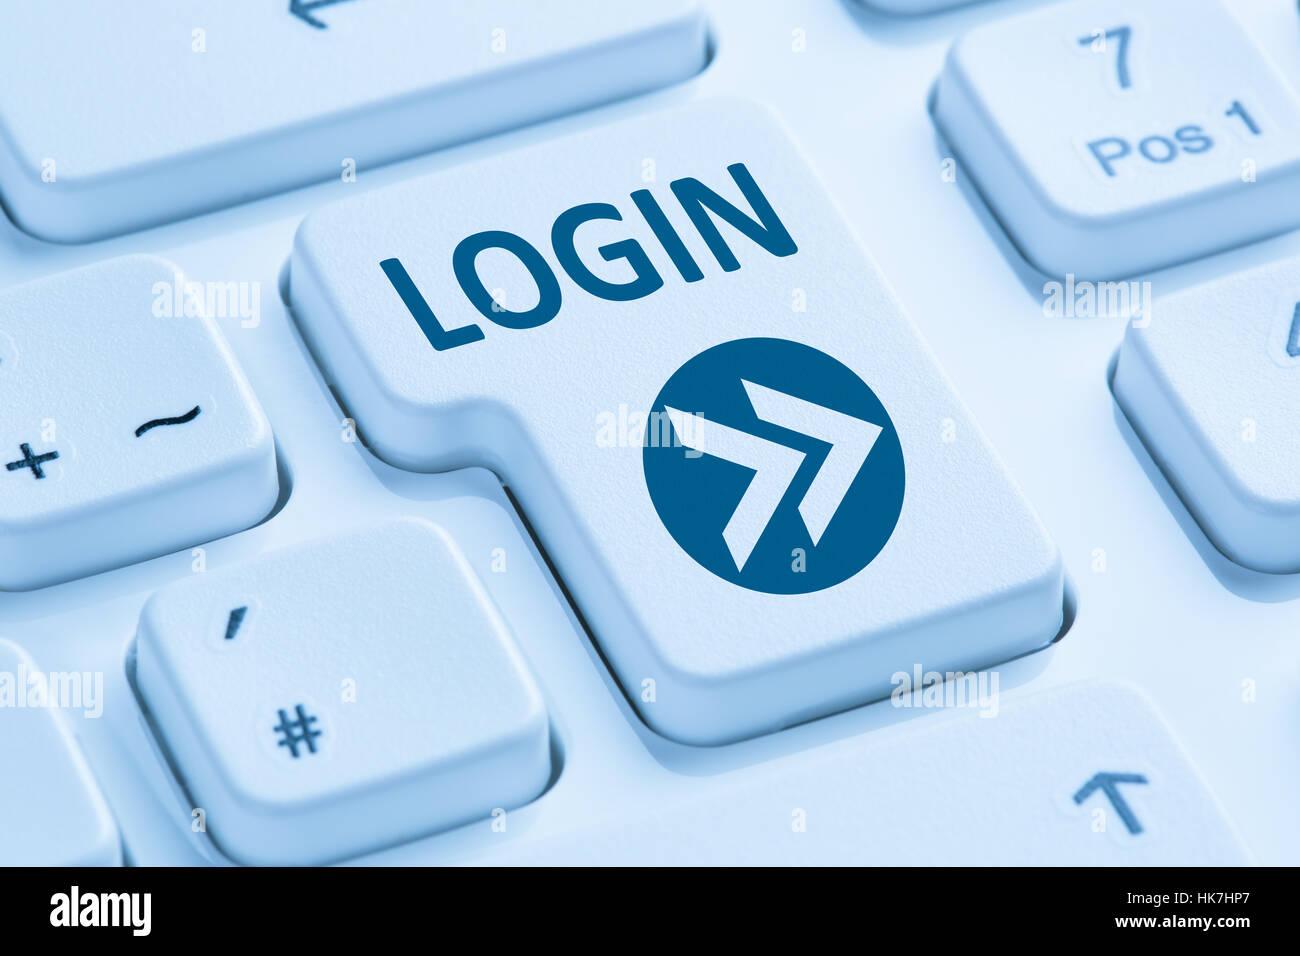 Botón de inicio de sesión enviar símbolo azul teclado de ordenador Imagen De Stock